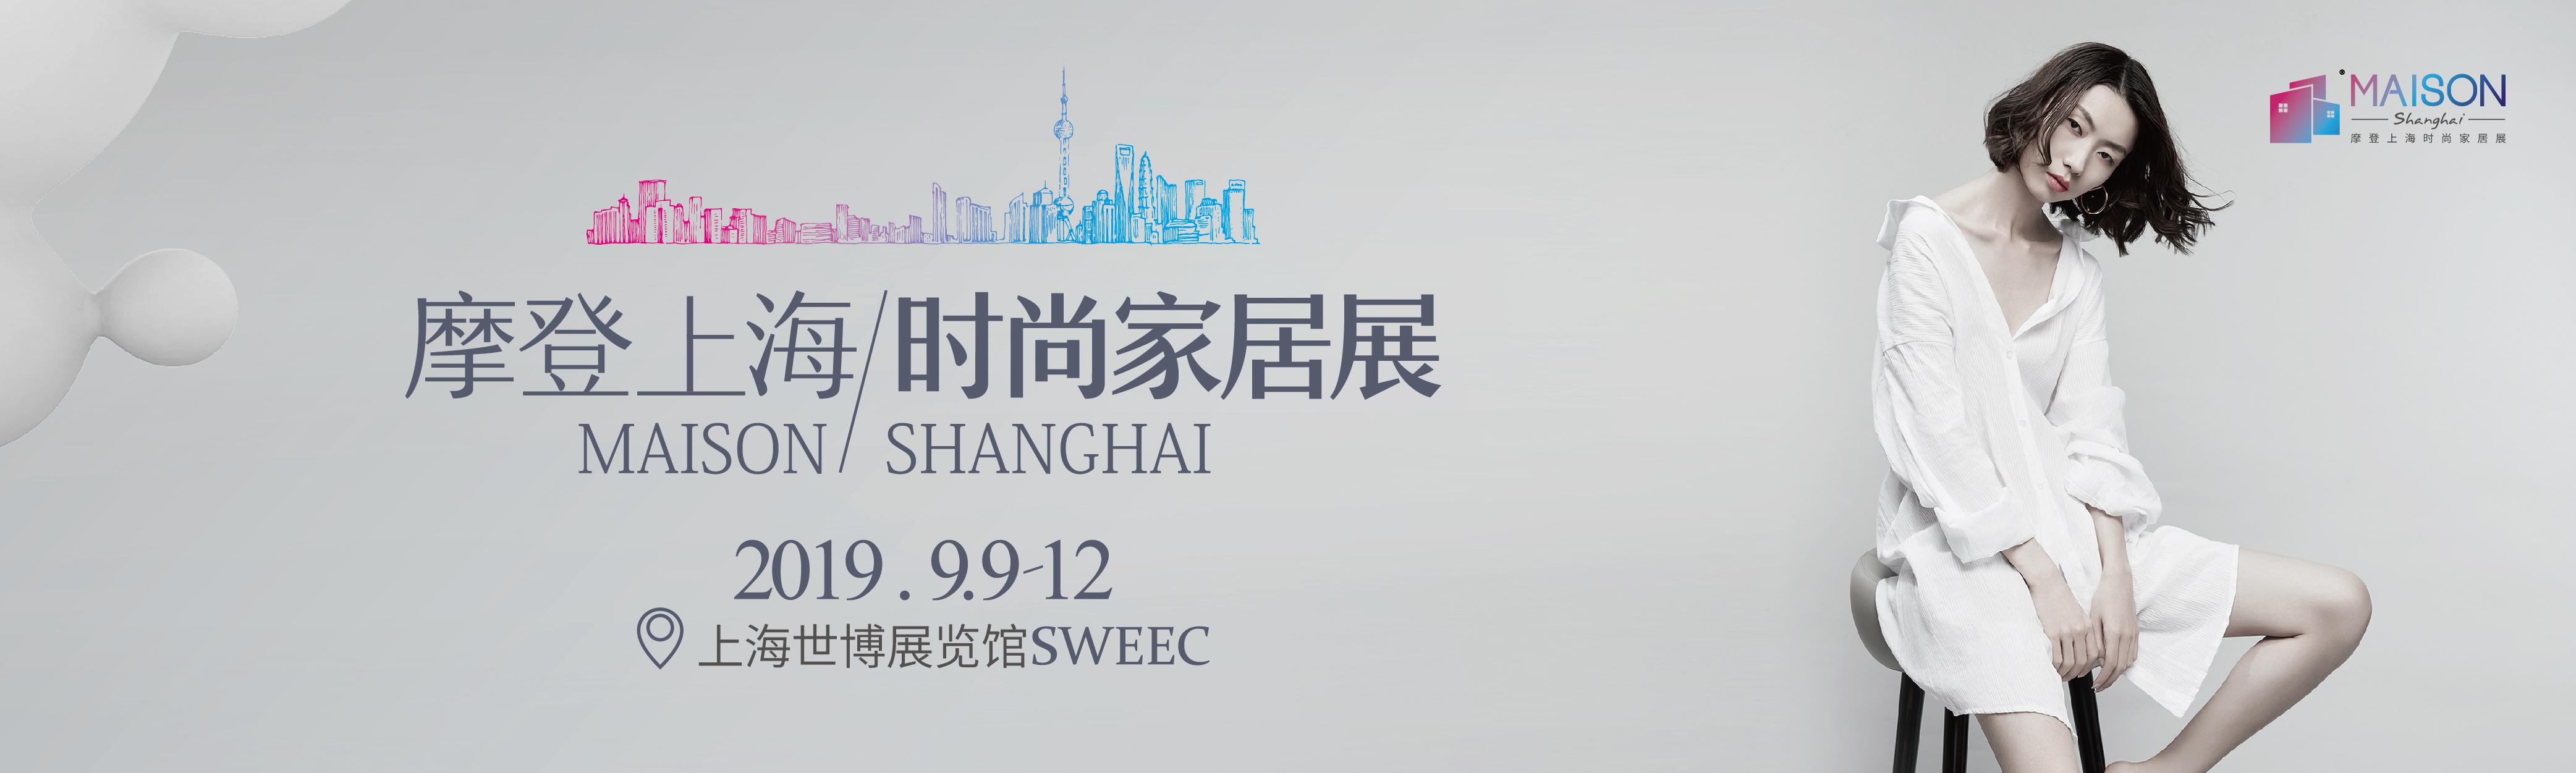 MAISON SHANGHAI